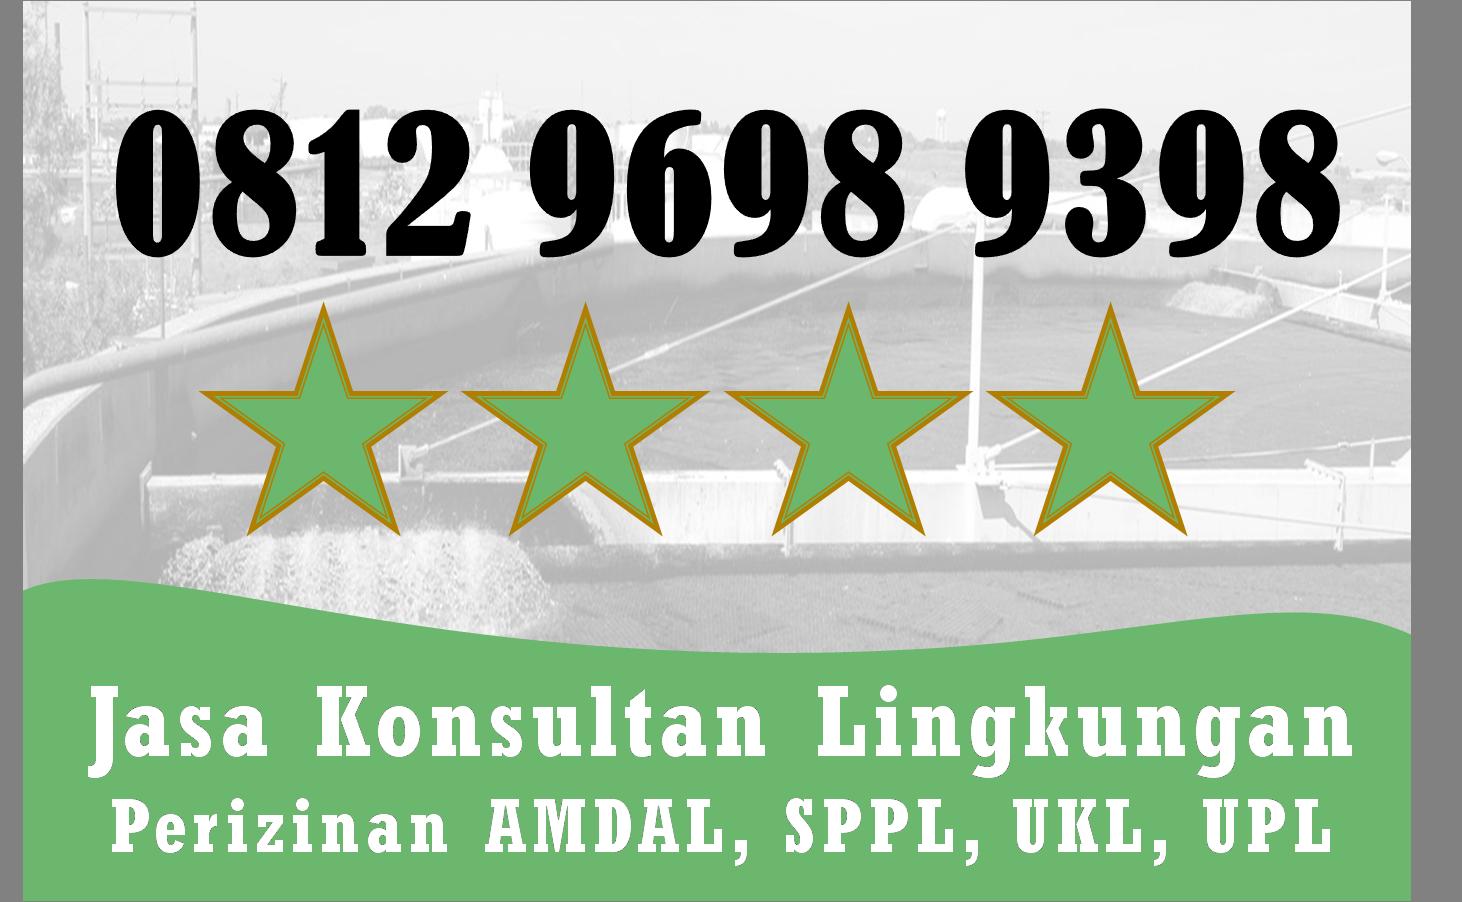 Kontak Kami Telp Wa 0812 9698 9398 Biaya Pembuatan Upl Ukl Kab Bojonegoro Jawa Timur Di 2020 Mobil Kota Kota Bukittinggi Teknik Lingkungan